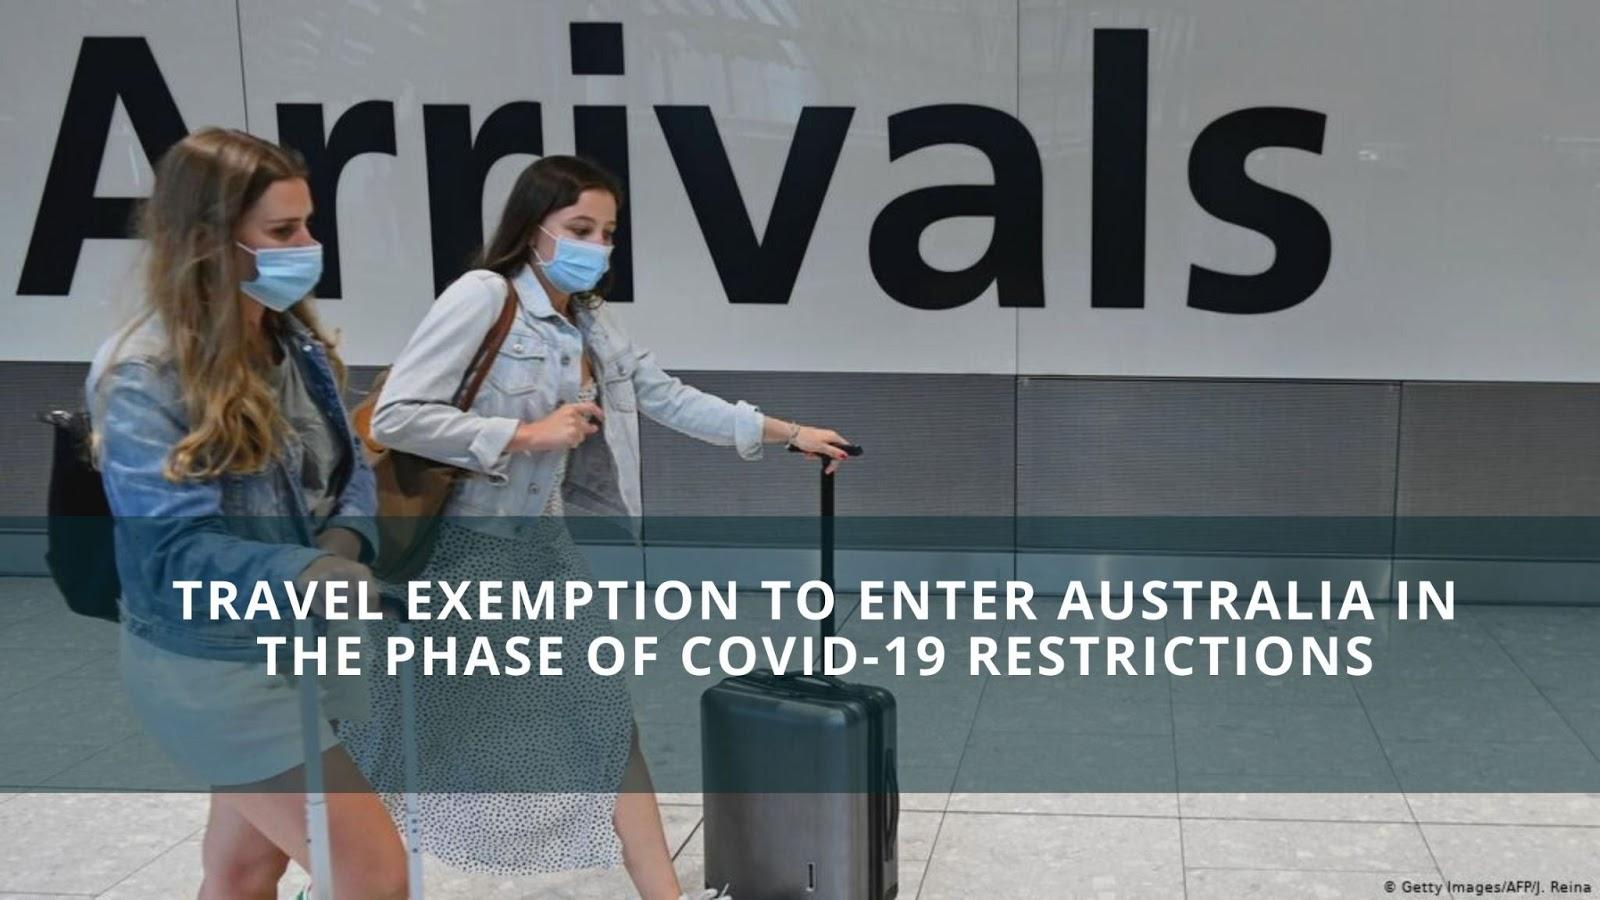 Australia exemption to travel